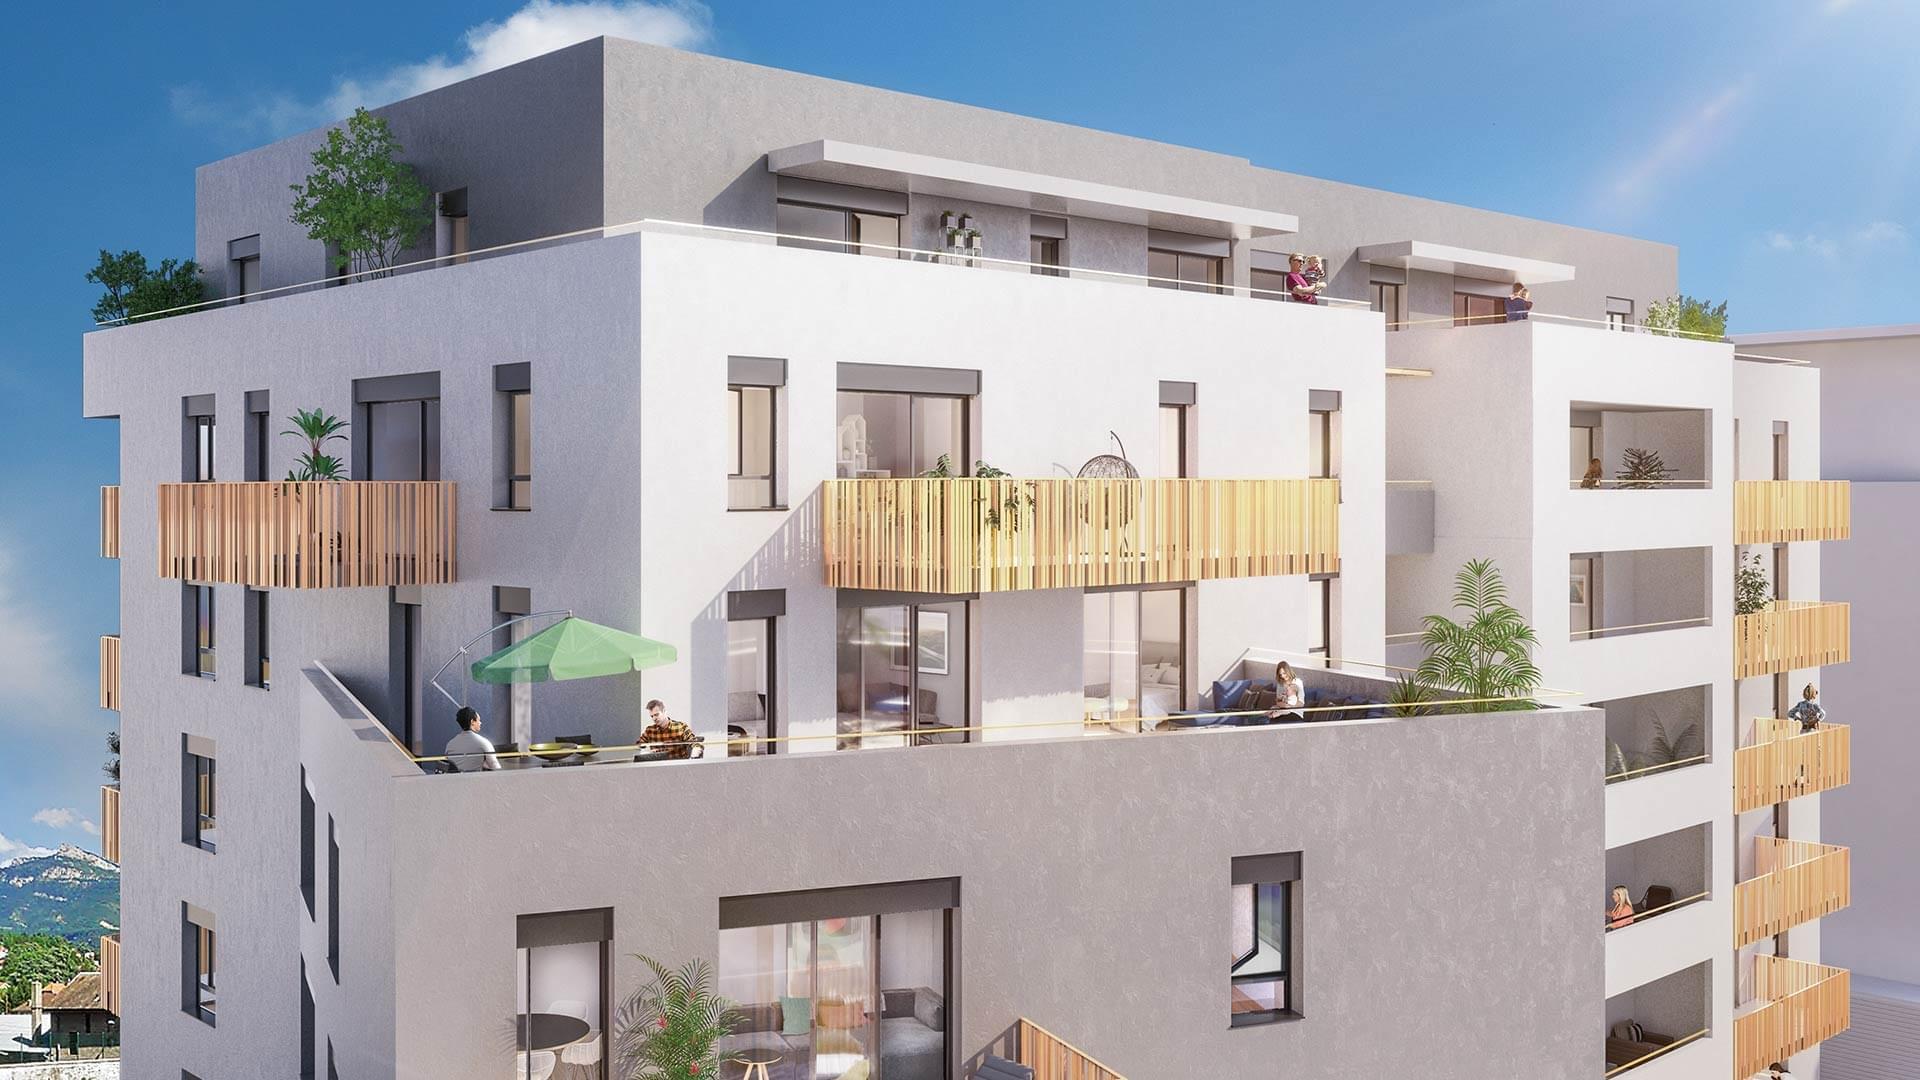 Résidence à Chambéry 5 min du centre-ville, Balcons et terrasses, Superbe vue,